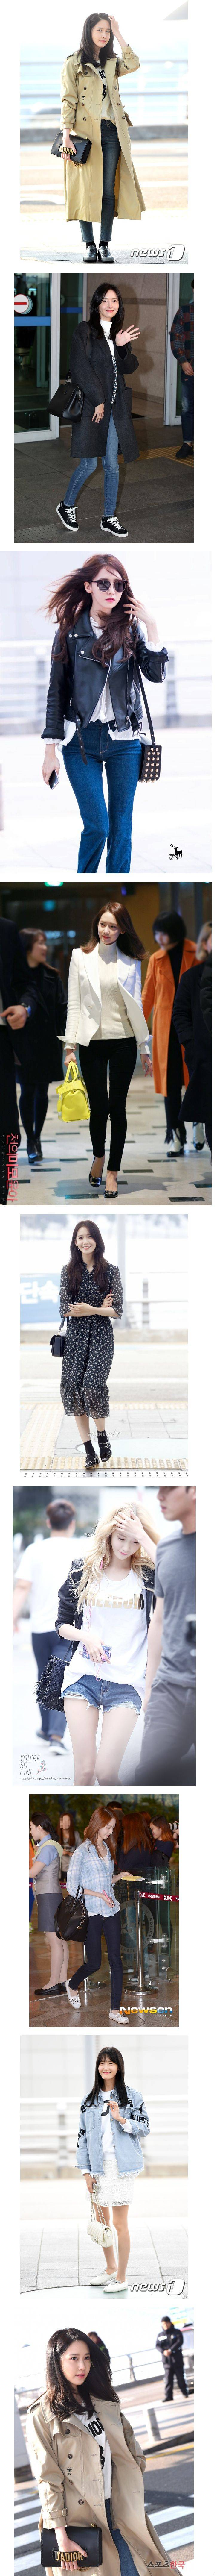 소녀시대 윤아 사복 .jpg